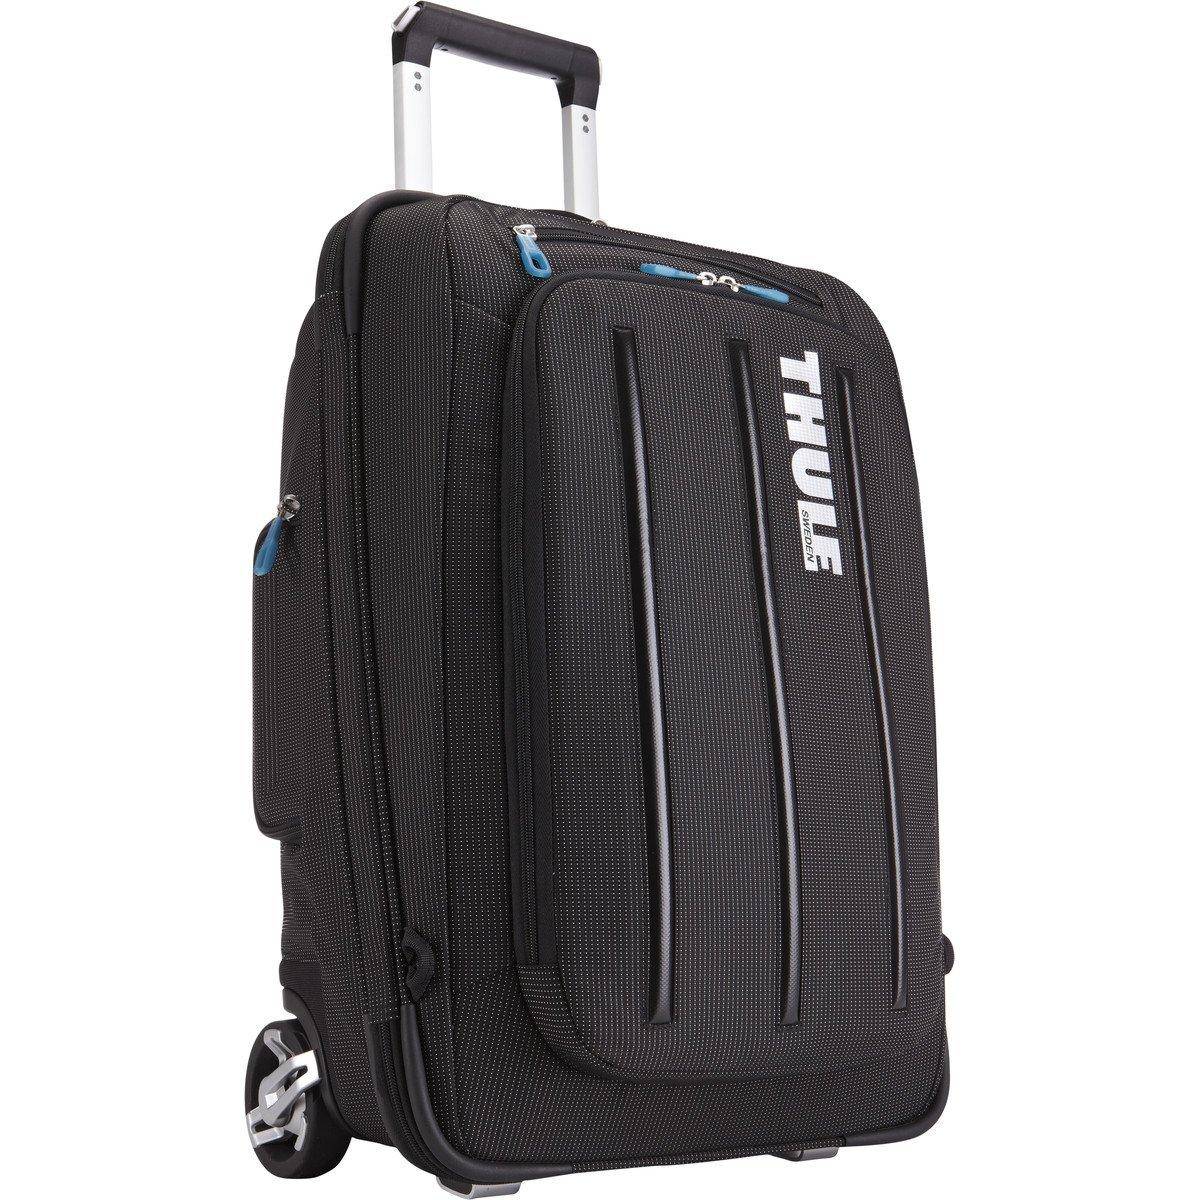 [スリー] レディース ボストンバッグ Crossover Carry-On 23in Rolling Gear Bag [並行輸入品] B073TRZX4F  No-Size